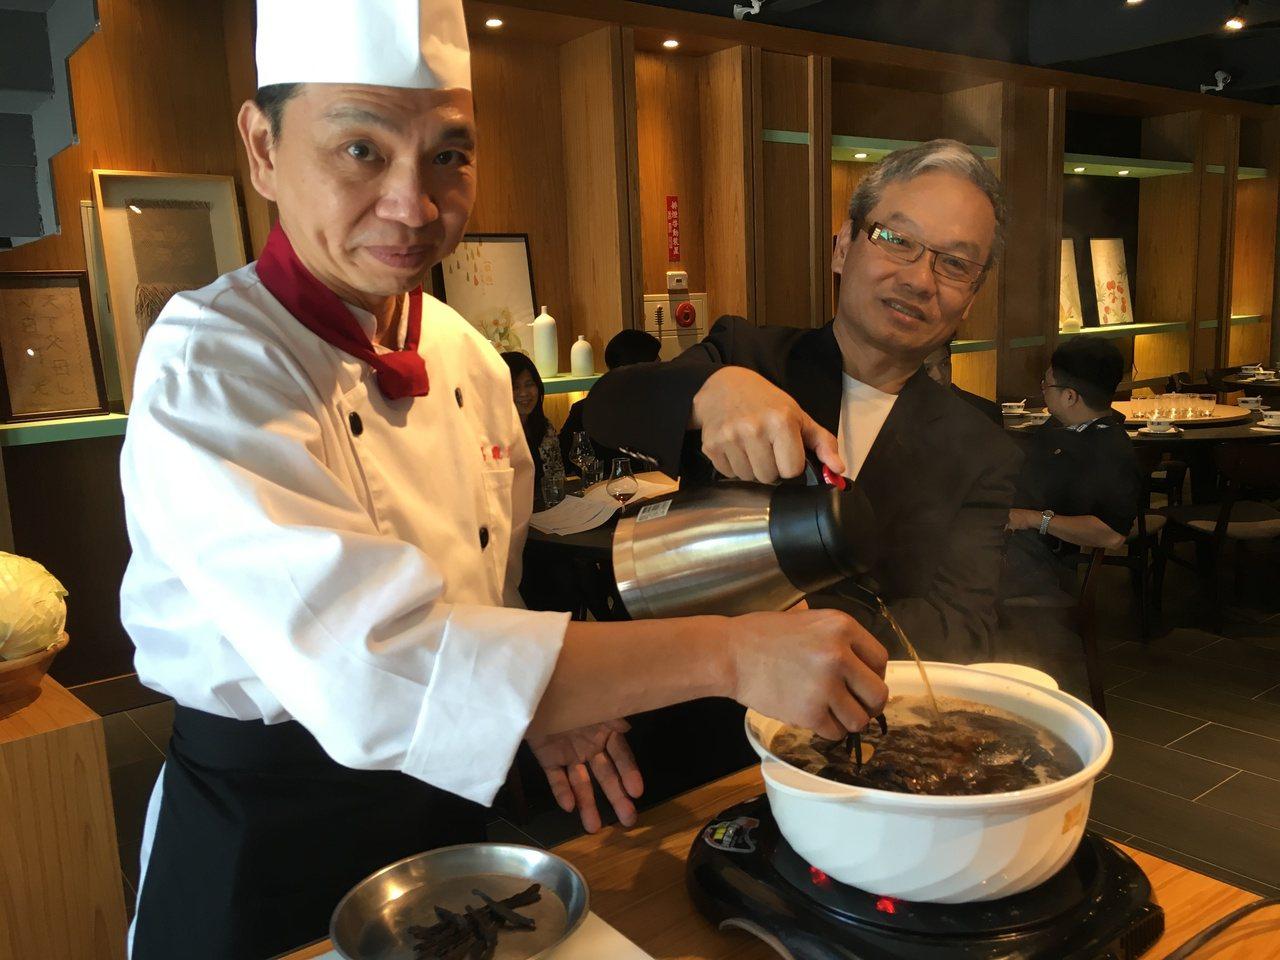 戴勝堂(右)與主廚一起現場示範「老菜脯雞湯」。記者宋健生/攝影